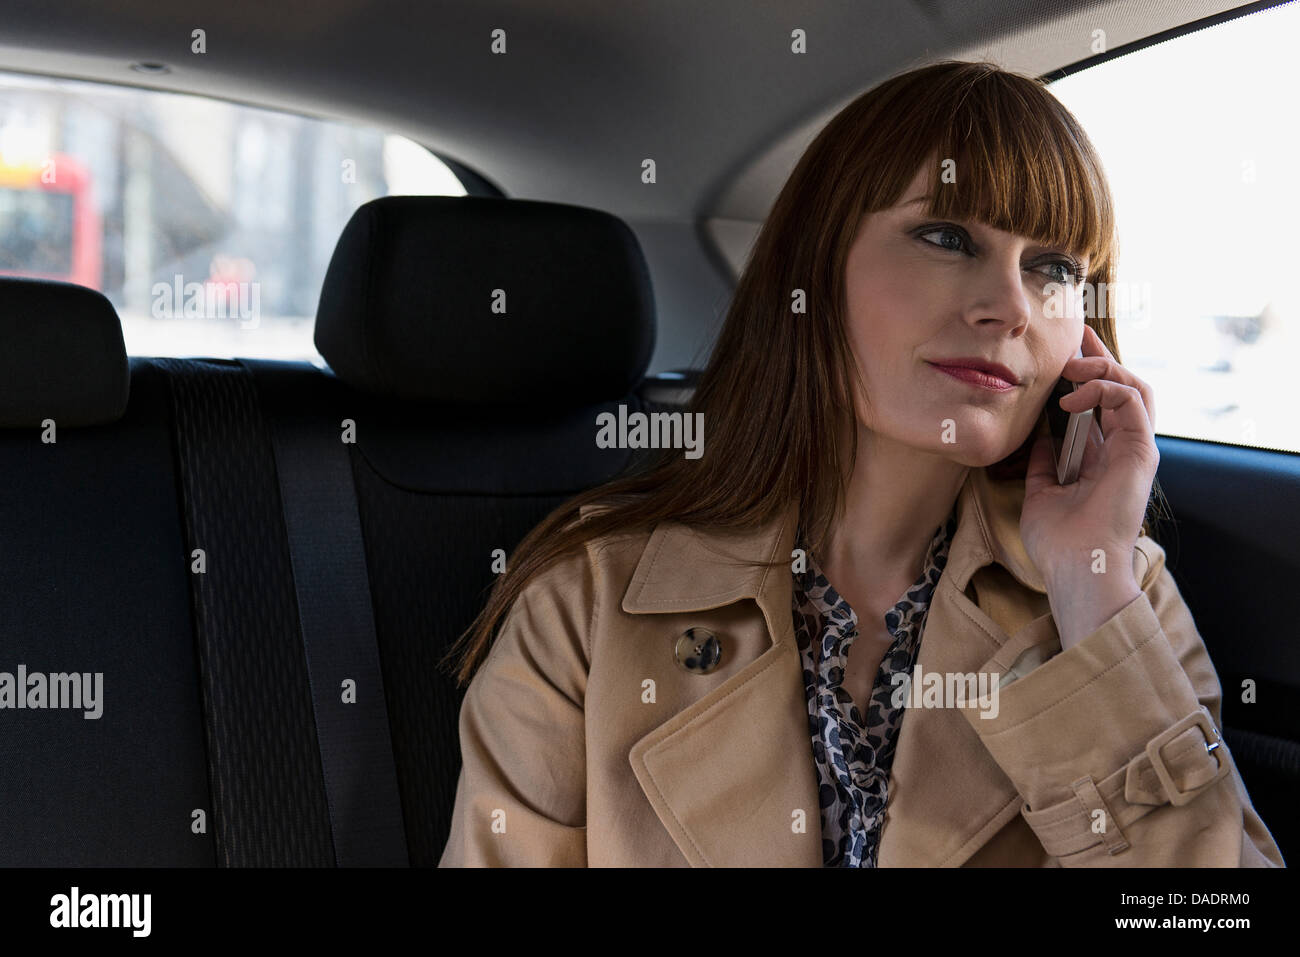 Business donna con telefono cellulare in auto Immagini Stock